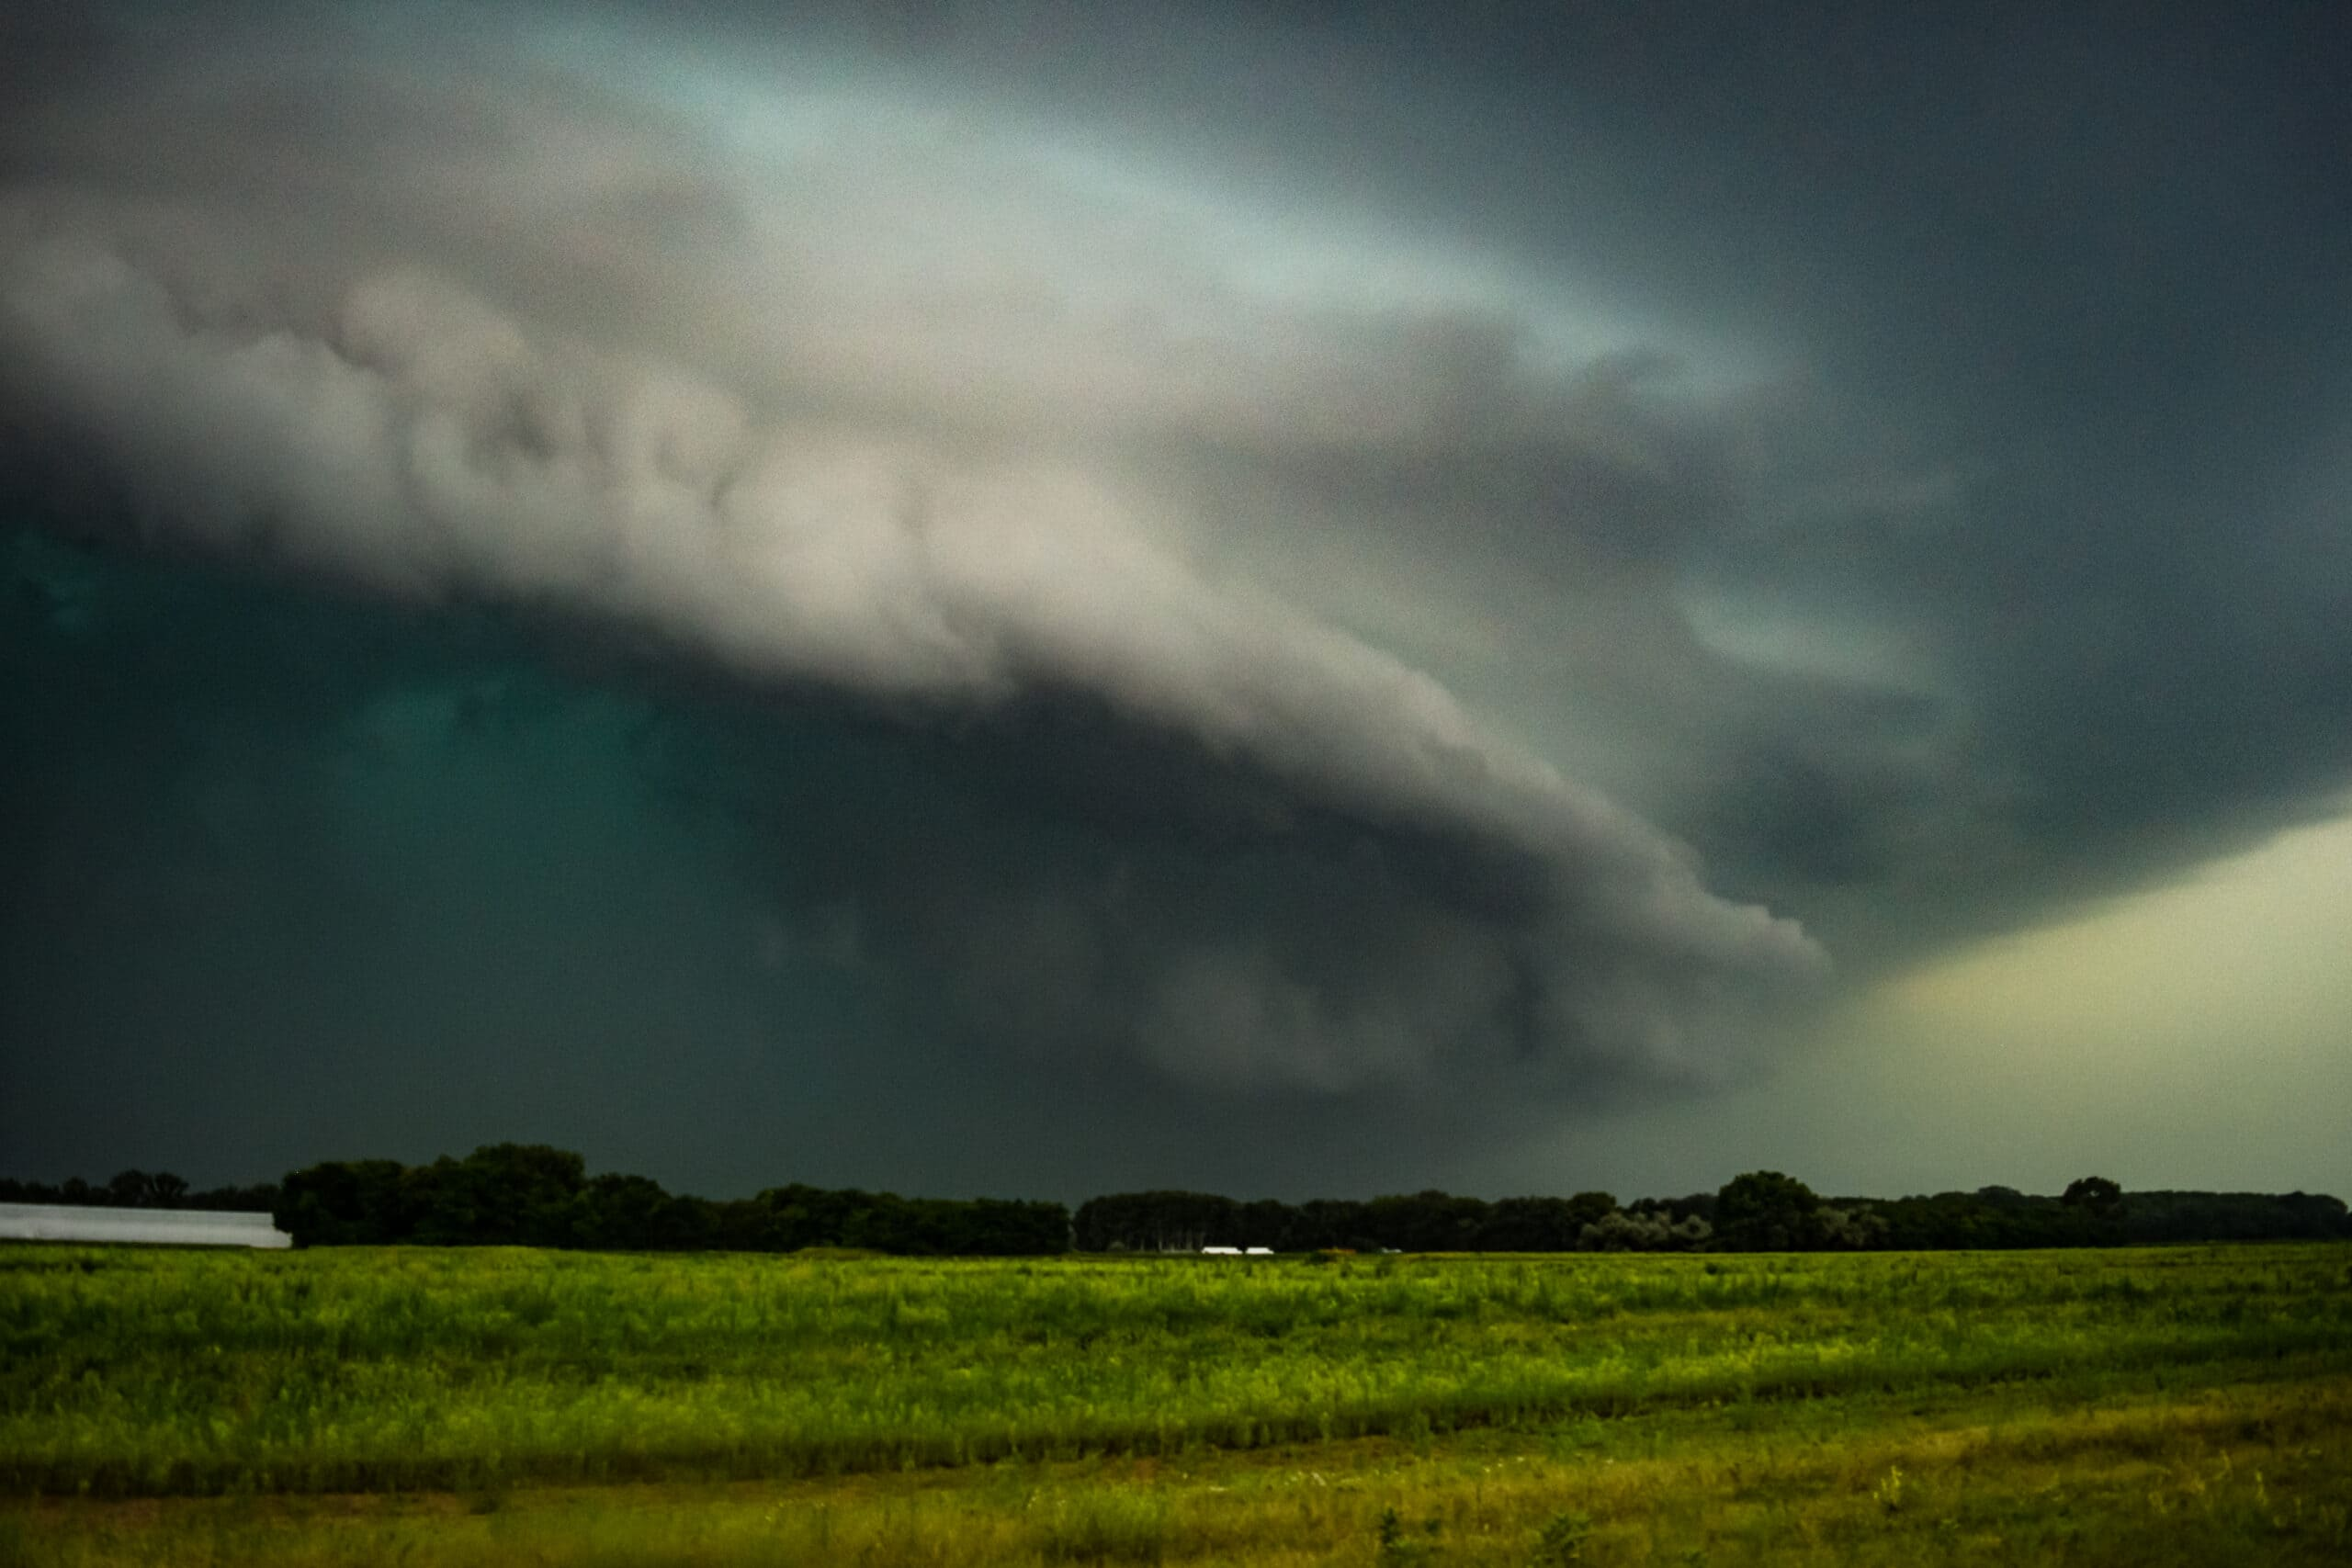 Intenzív zivatarrendszer közelít délnyugat felől hazánkba: felhőszakadás, jégeső, viharos szél kísérheti! 9